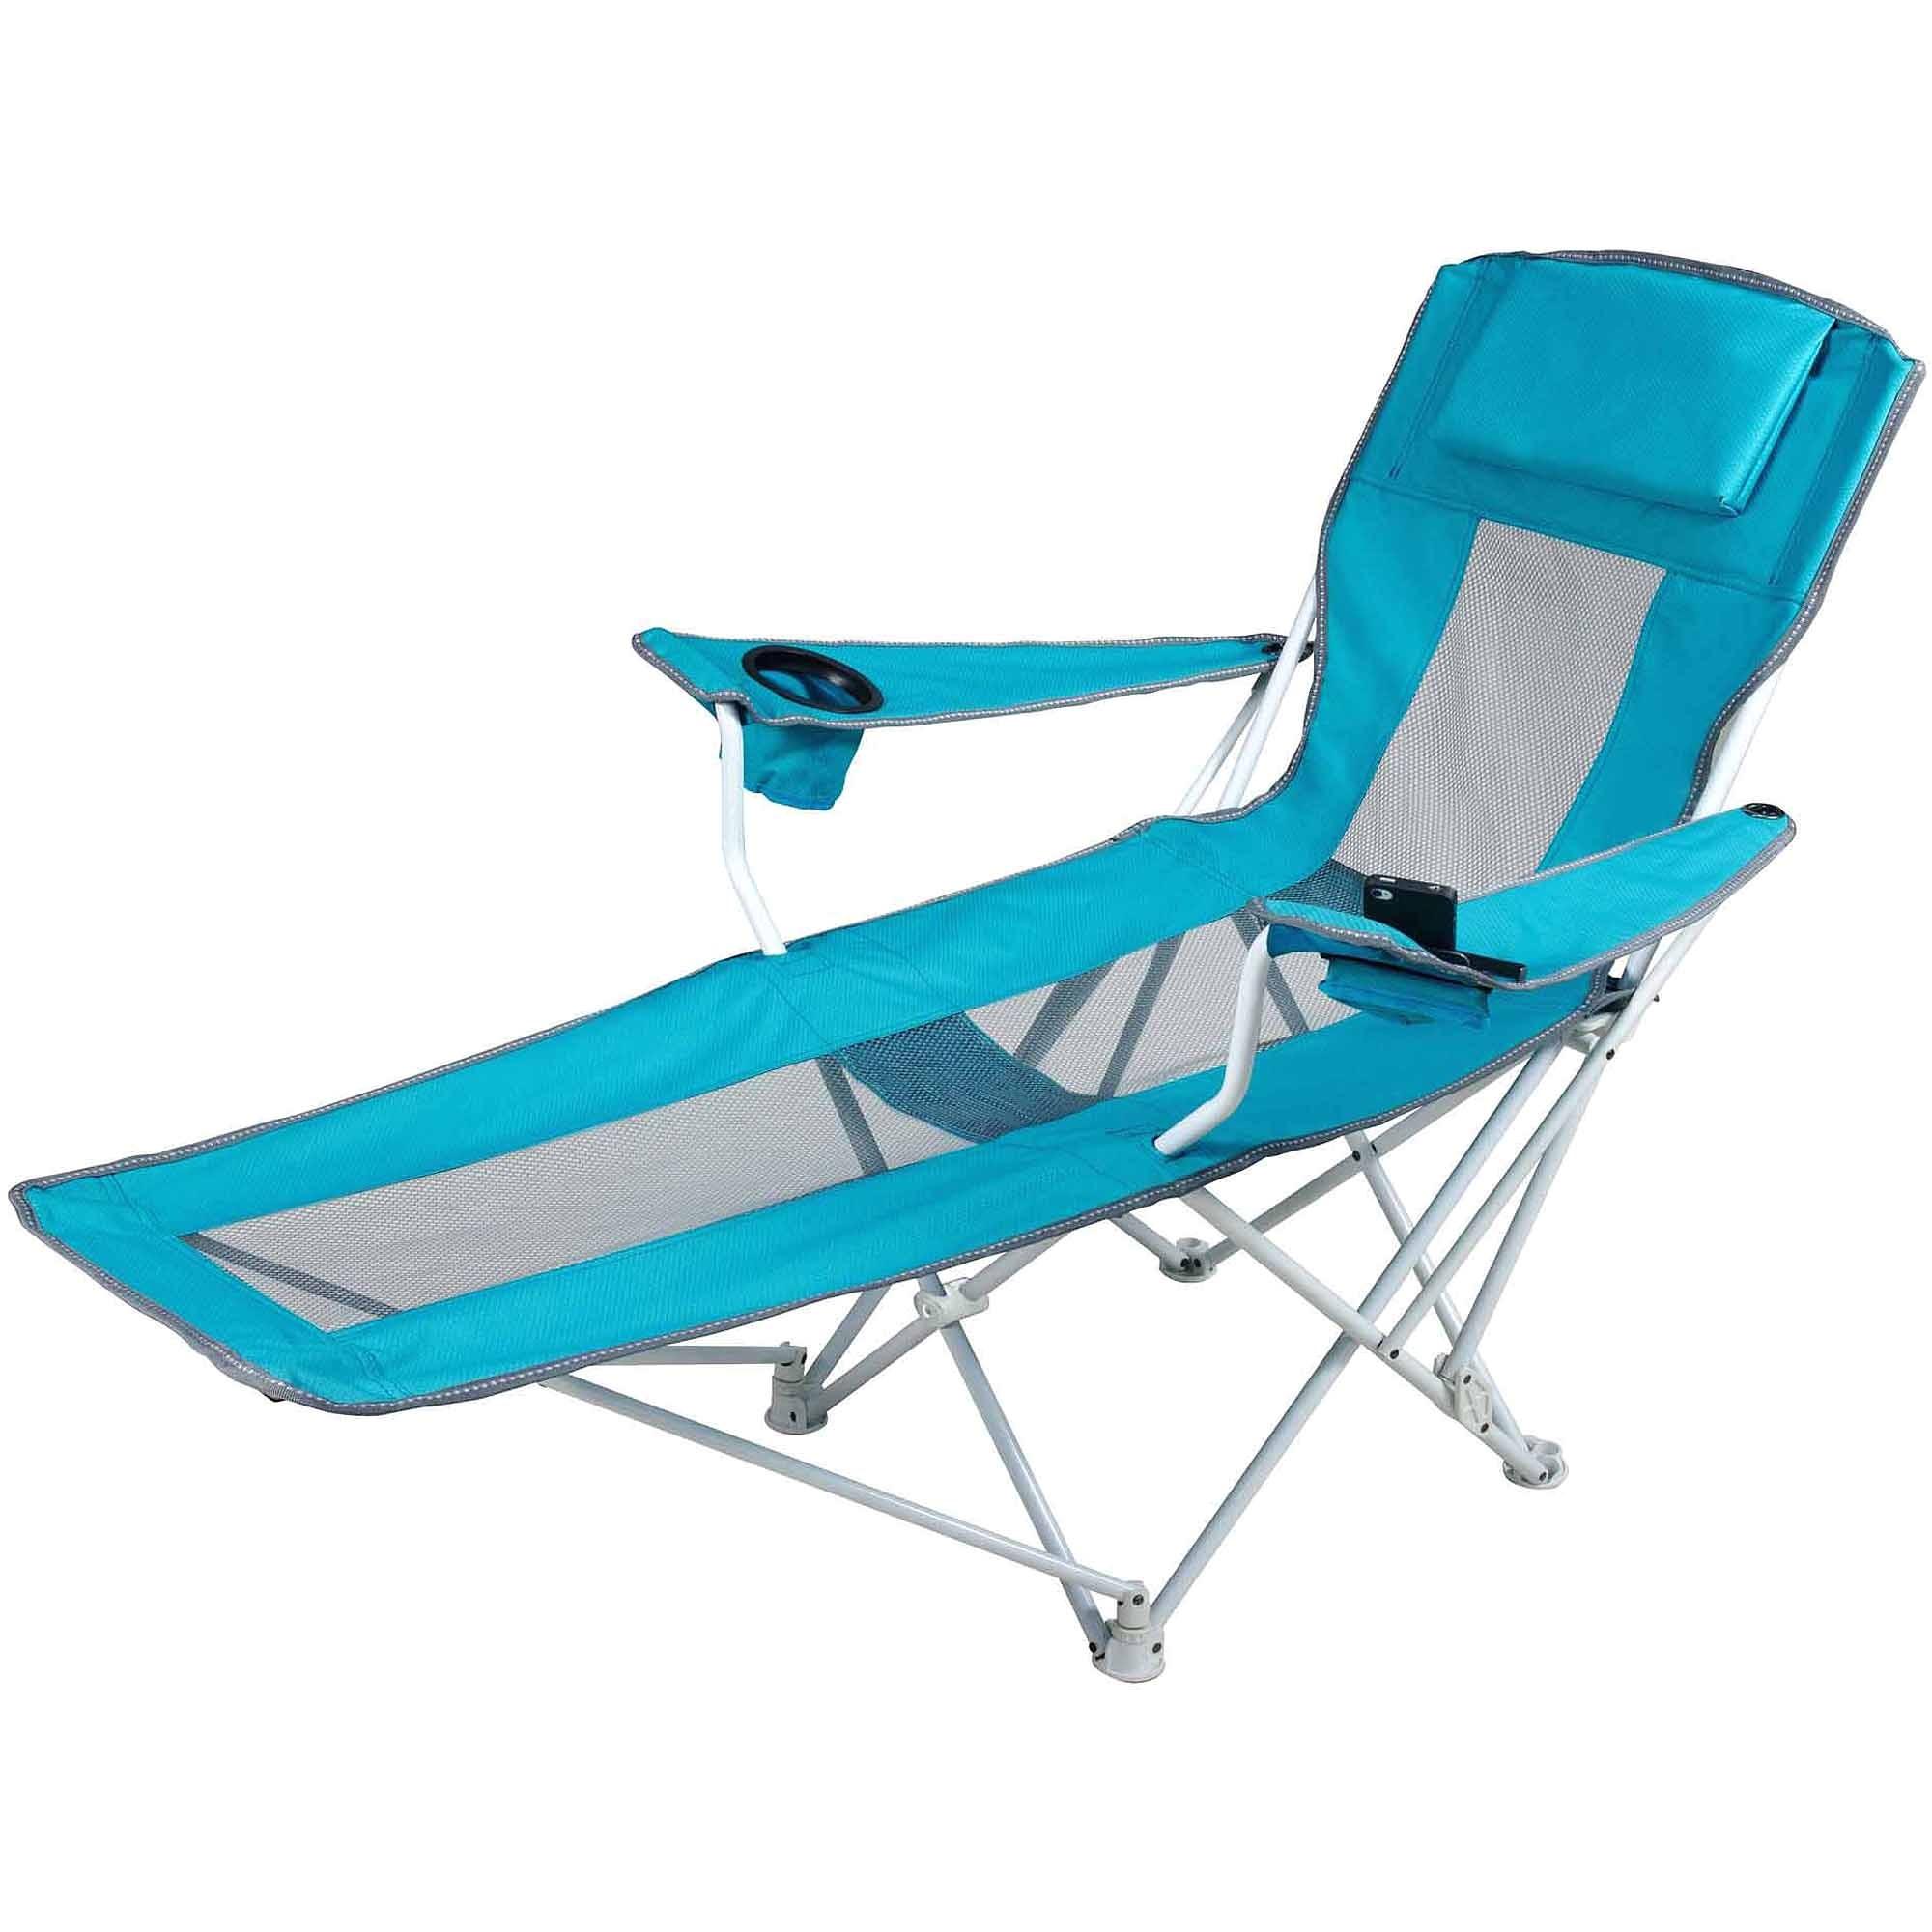 target lounge chairs beach umbrellas at walmart walmart beach chairs